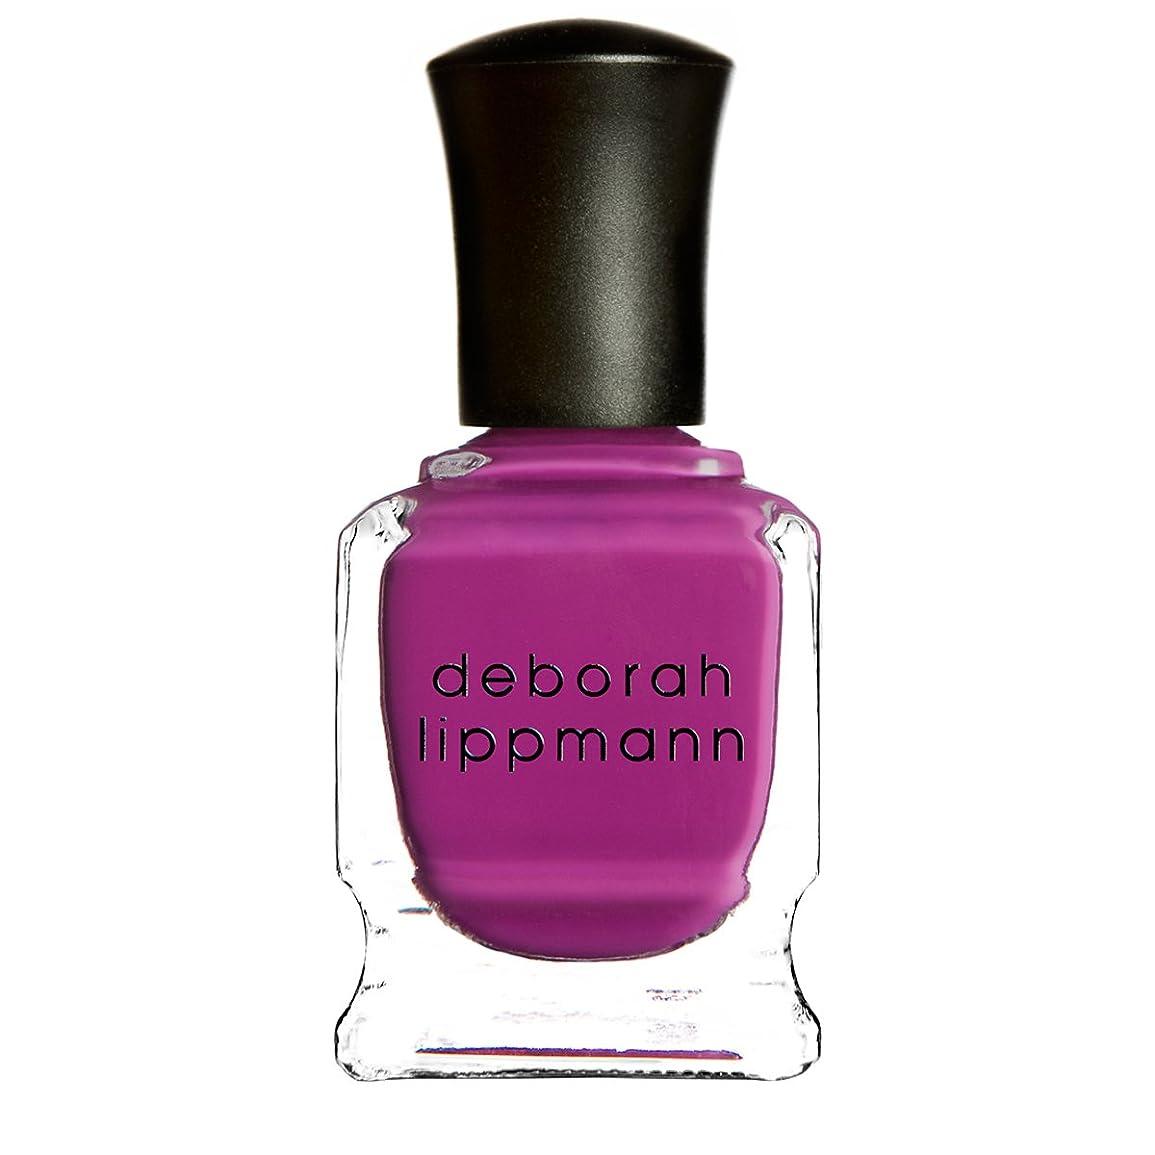 謙虚な選択する豊かにする[Deborah Lippmann] デボラリップマン ポリッシュ ピンク系 15mL (ビトゥイーン ザ シーツ)